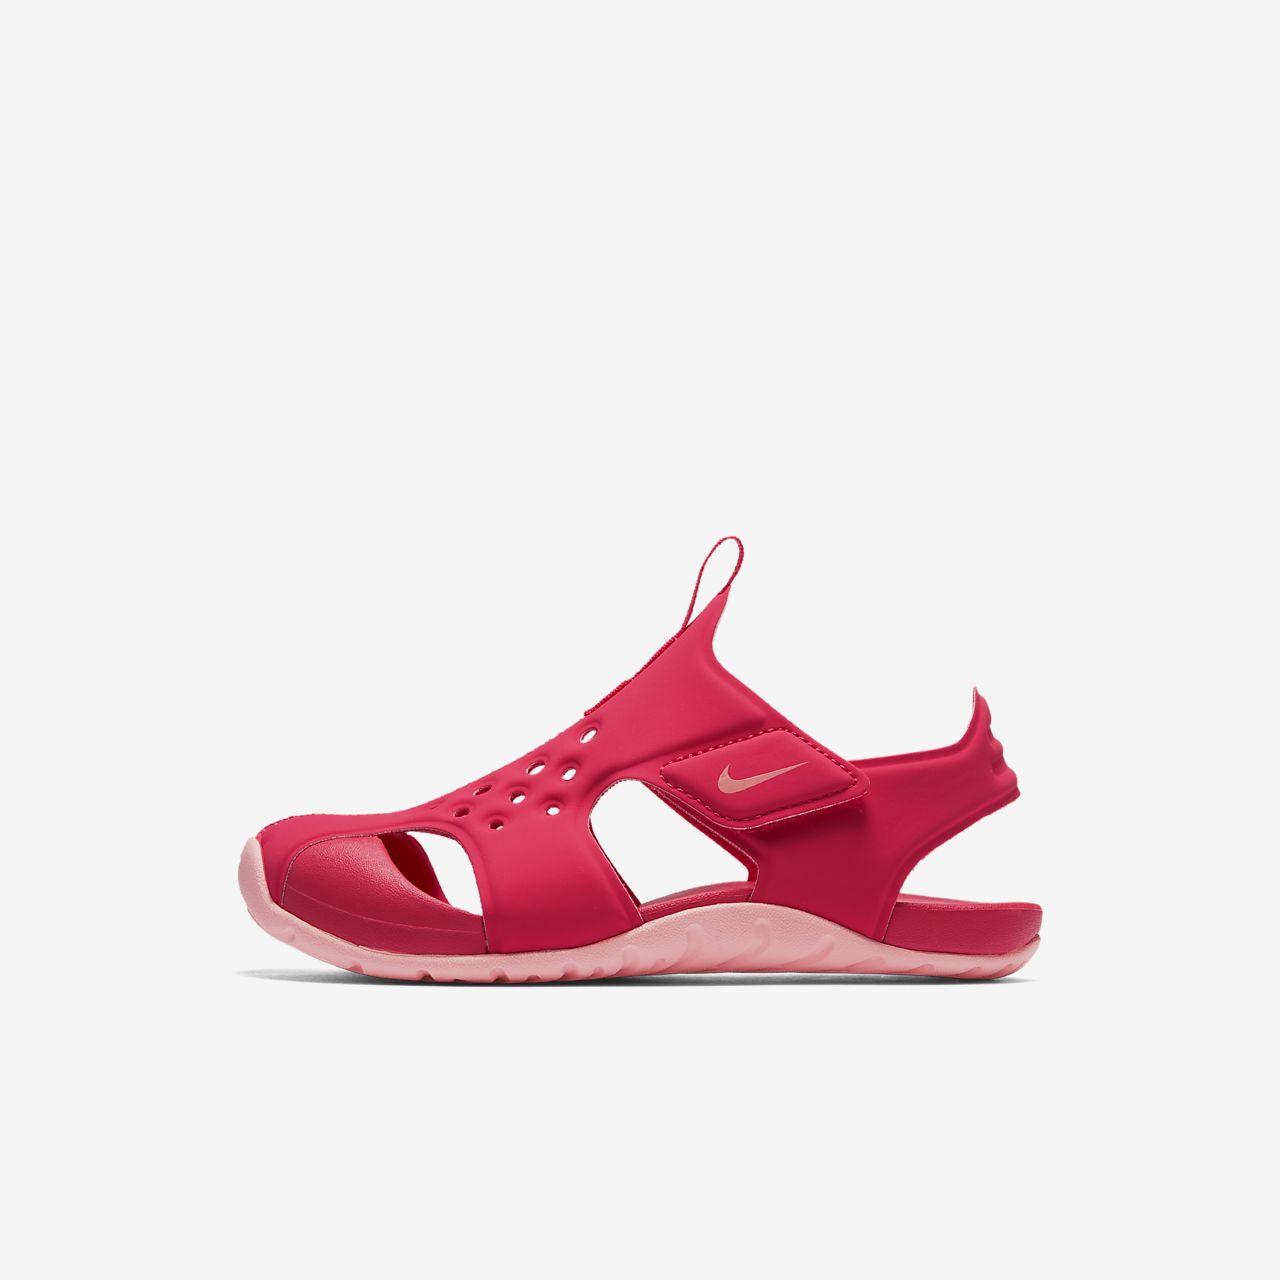 Acquista Sandali E29diewhy Off42sconti Nike W2he9yid Bambino USzqMVp